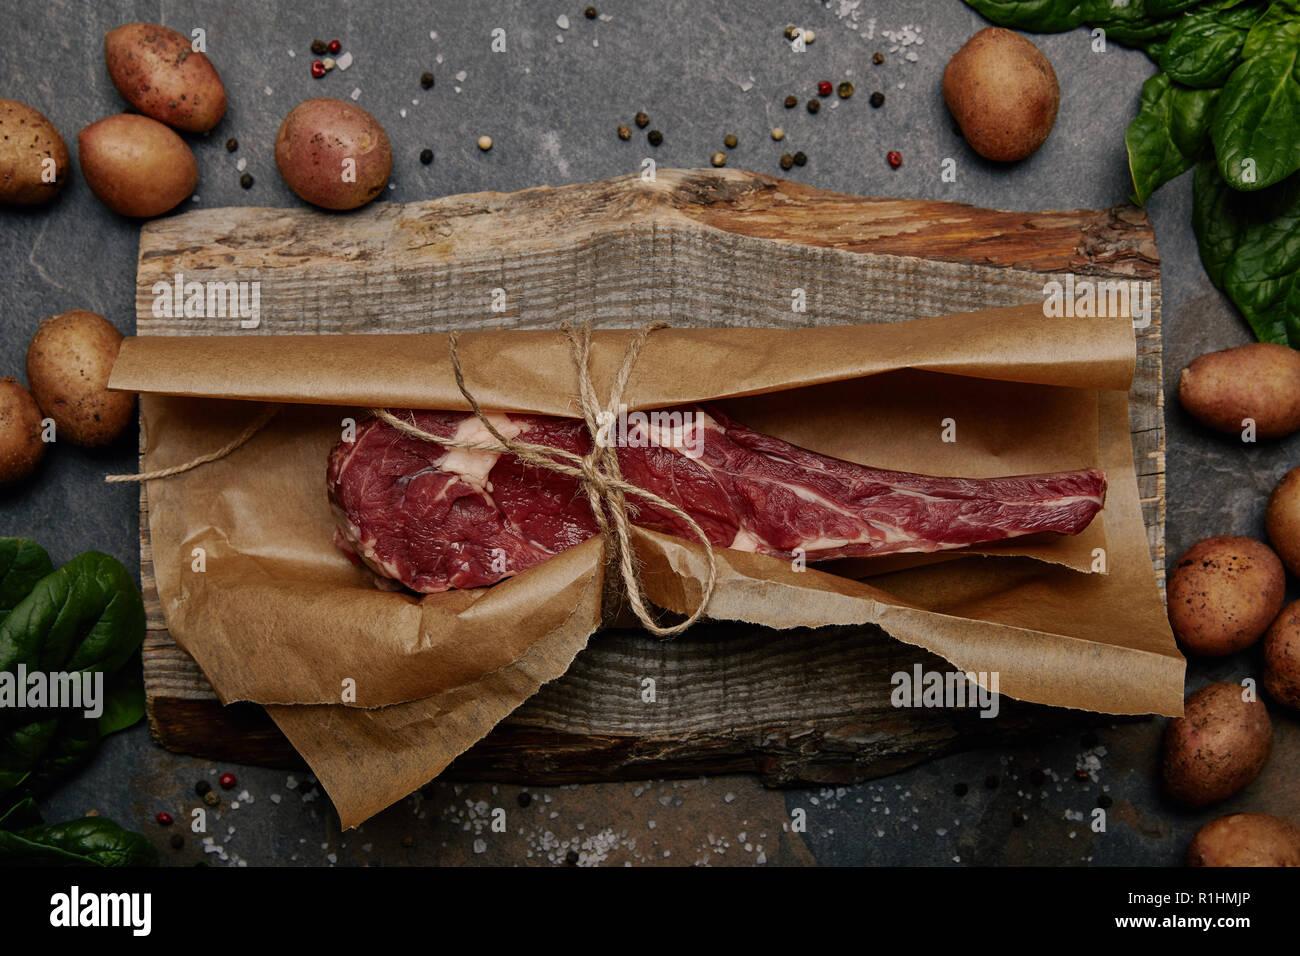 Bifteck de faux-filet cru enveloppés dans du papier sulfurisé sur planche de bois avec des épices et pommes de terre Photo Stock